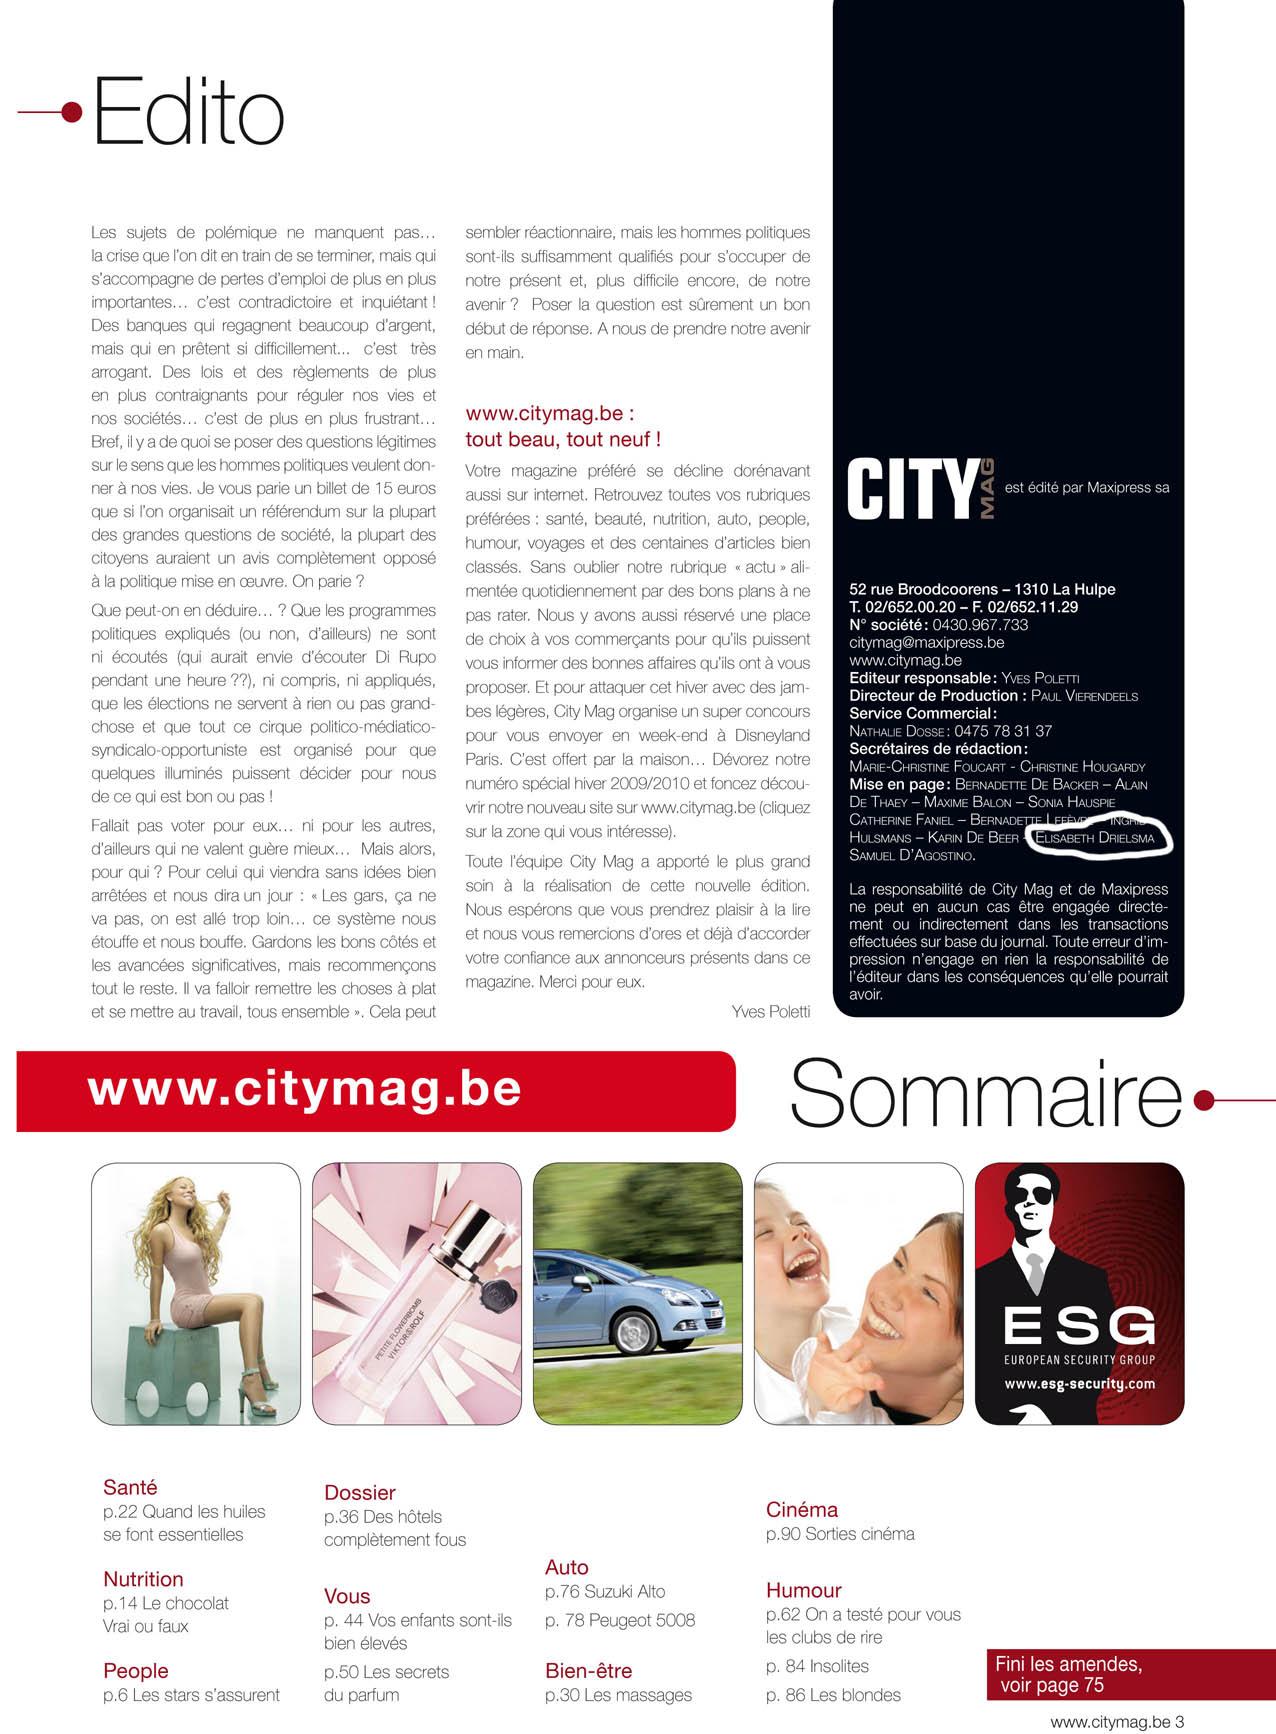 CityMag Summary 2009-2010